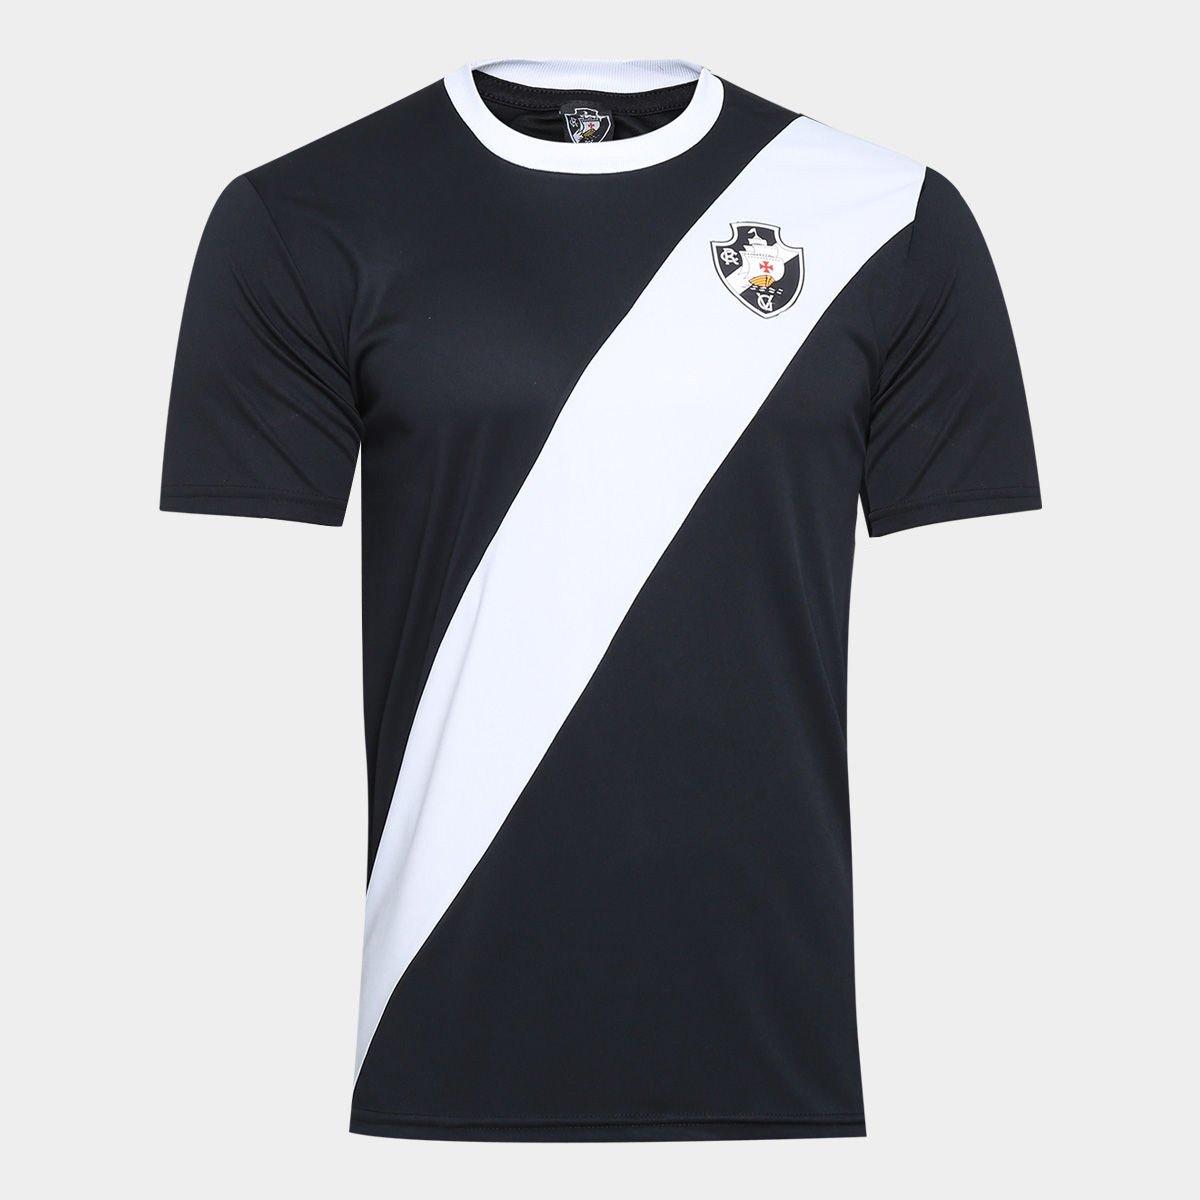 Camisa Vasco Clássica Edição Limitada Masculina c81d263ac54c7